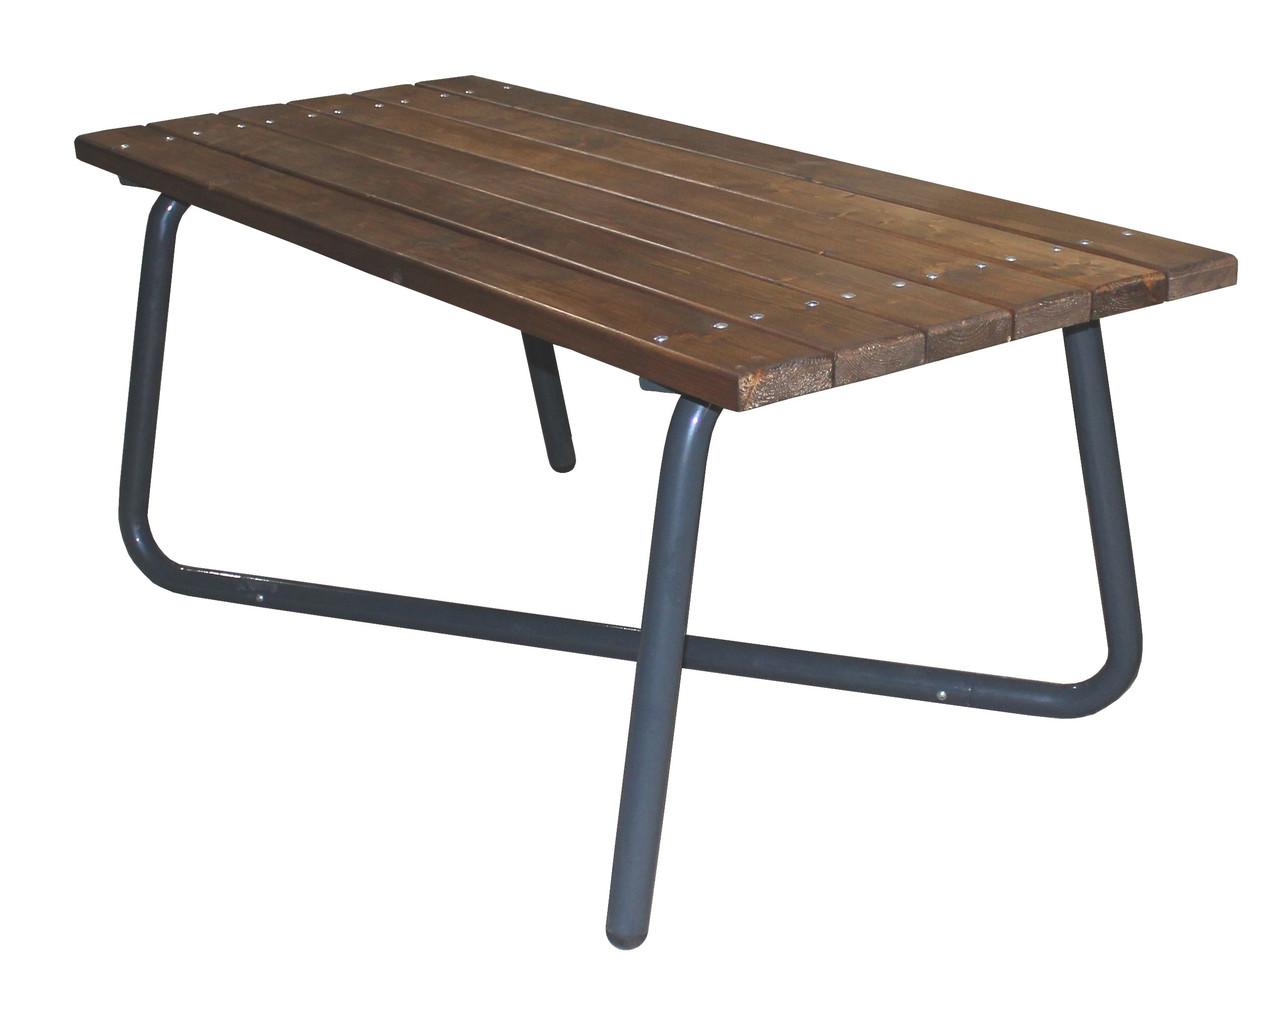 Стол Rud садовый (металл, дерево) 1800х800 мм